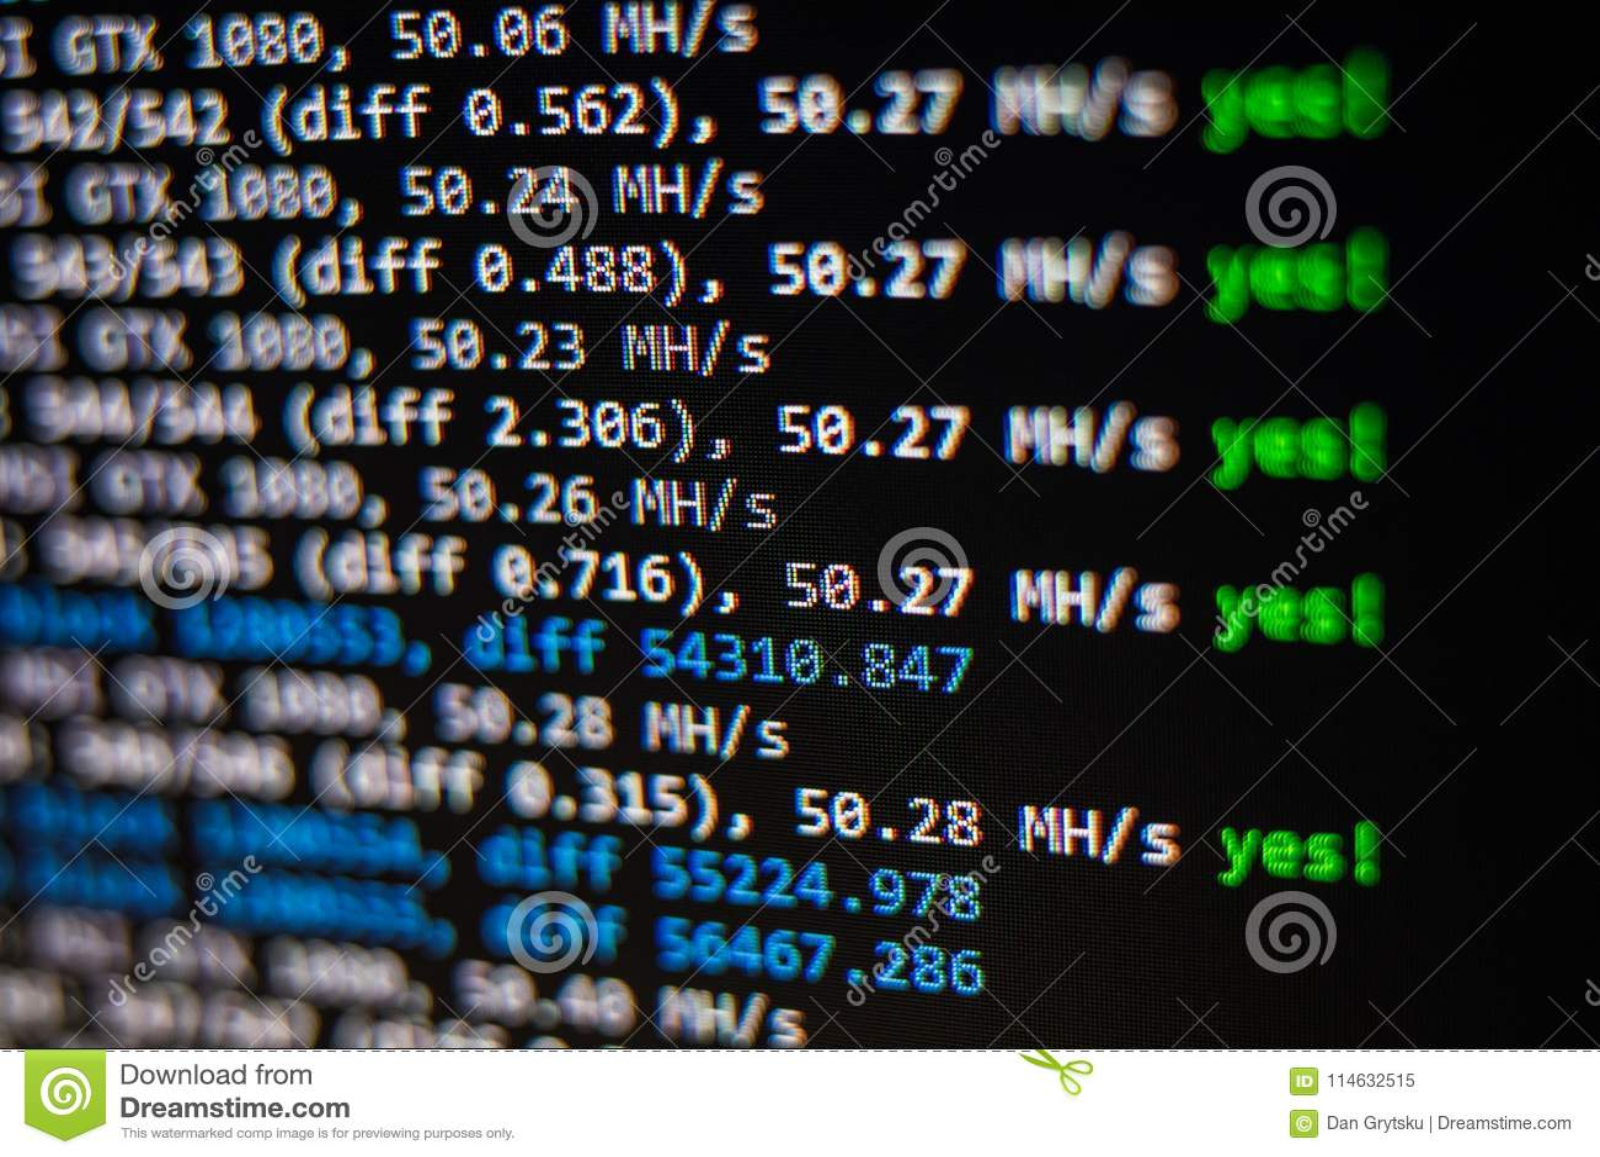 monitor bitcoin